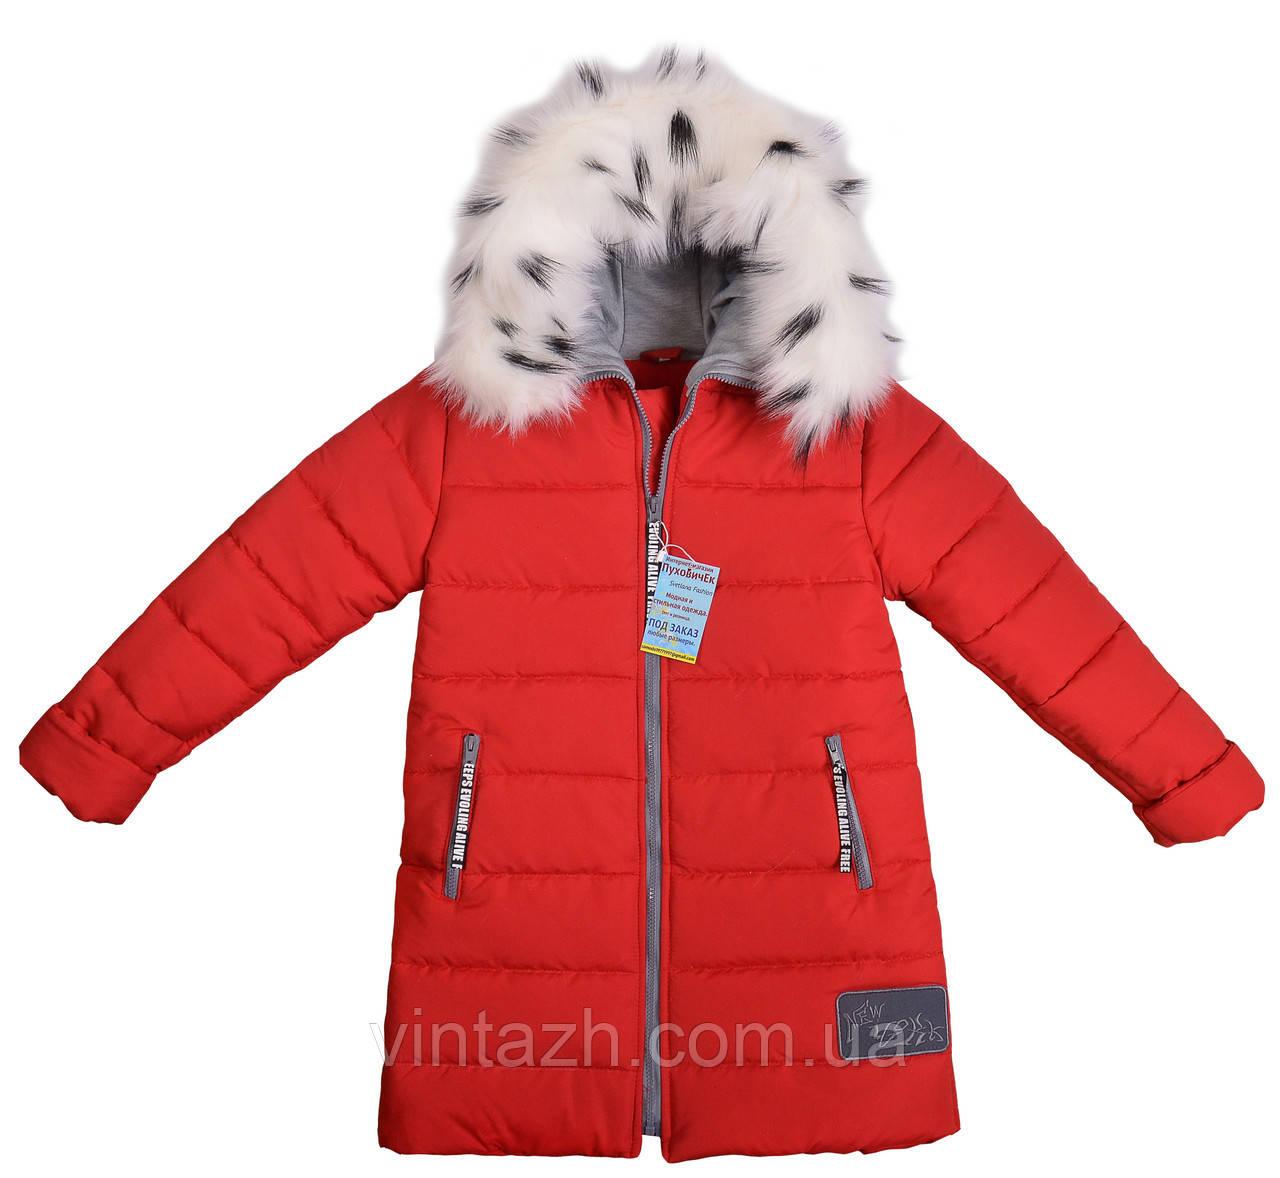 1b5bf16121d Зимние детские куртки для девочек интернет магазин - OOO